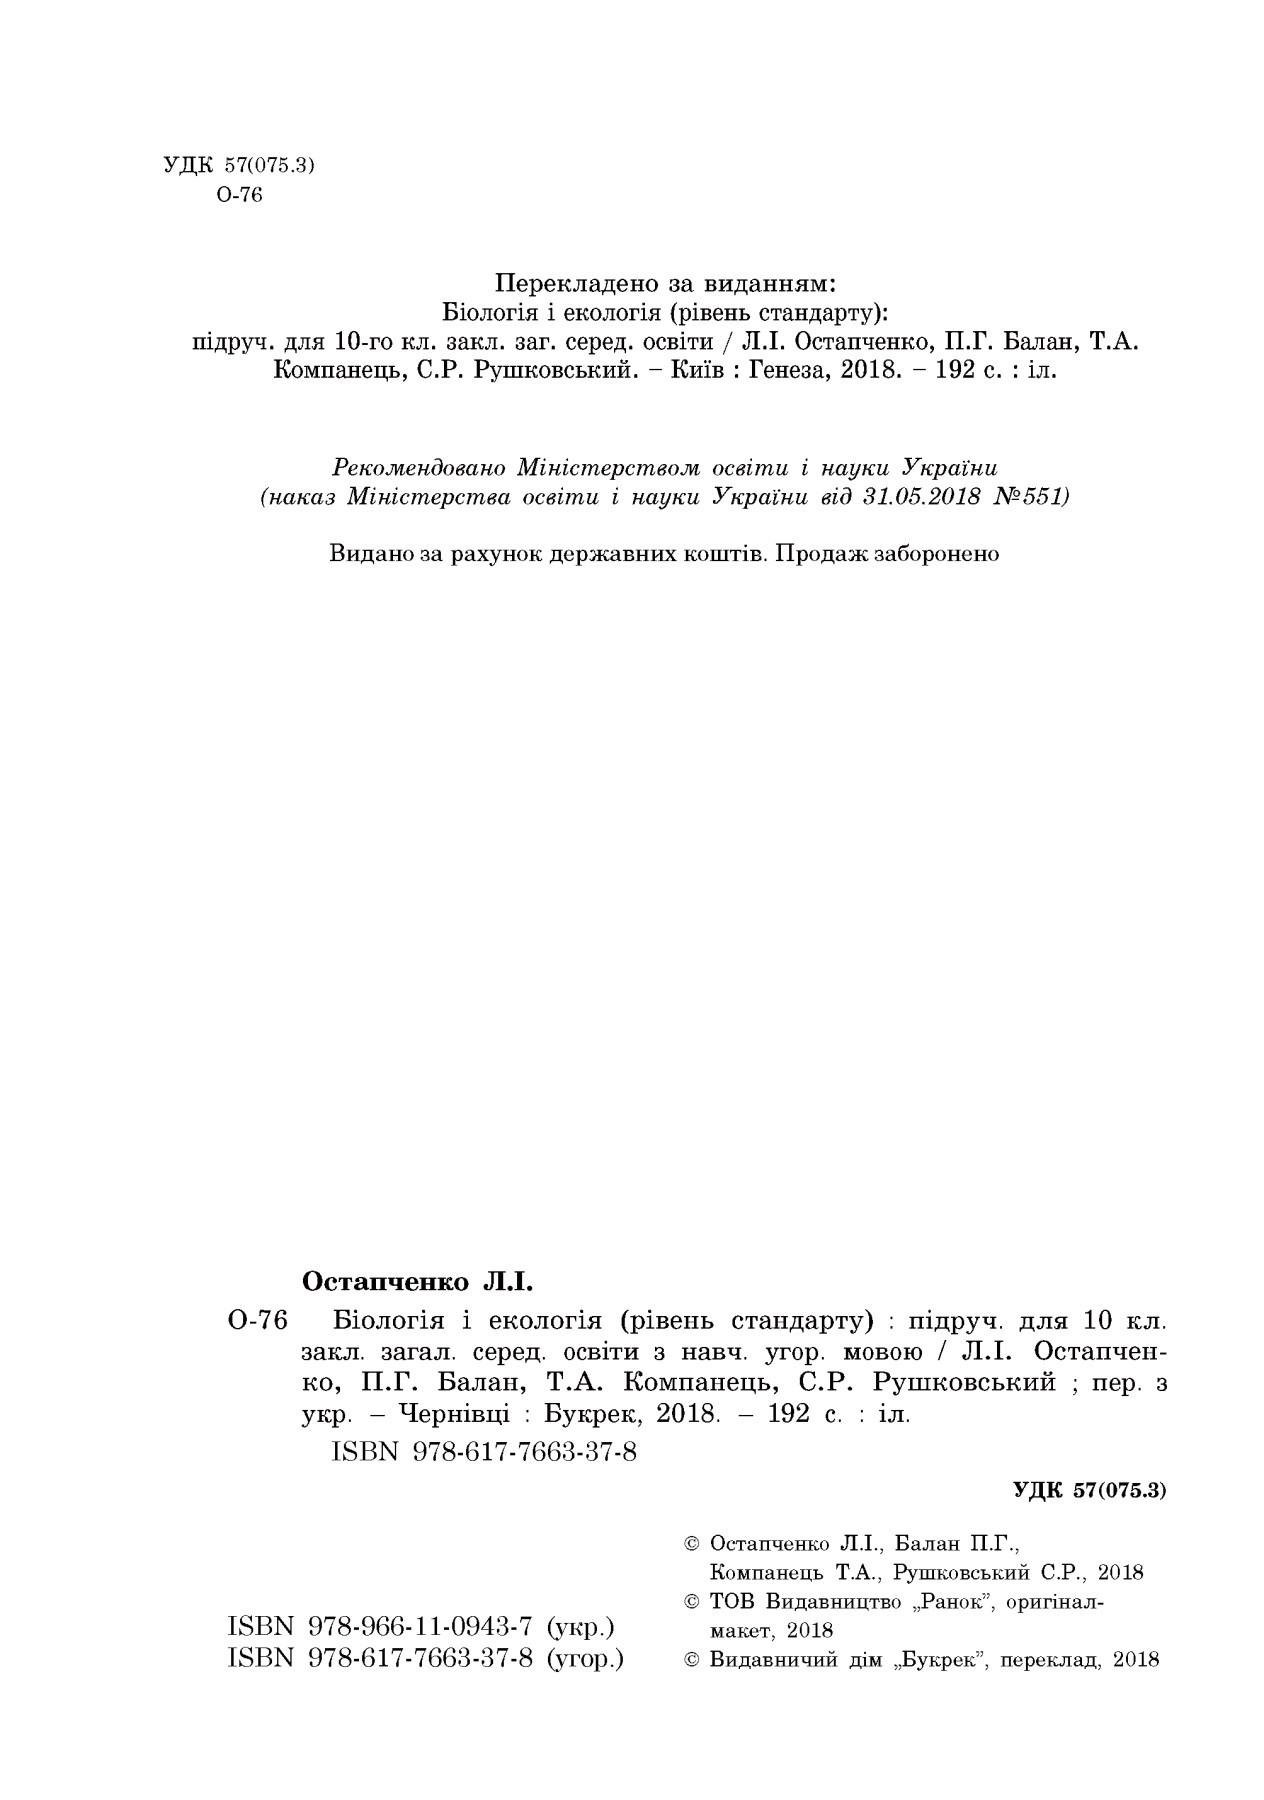 Diphyllobothriasis kutatási módszerek - prohormones.hu